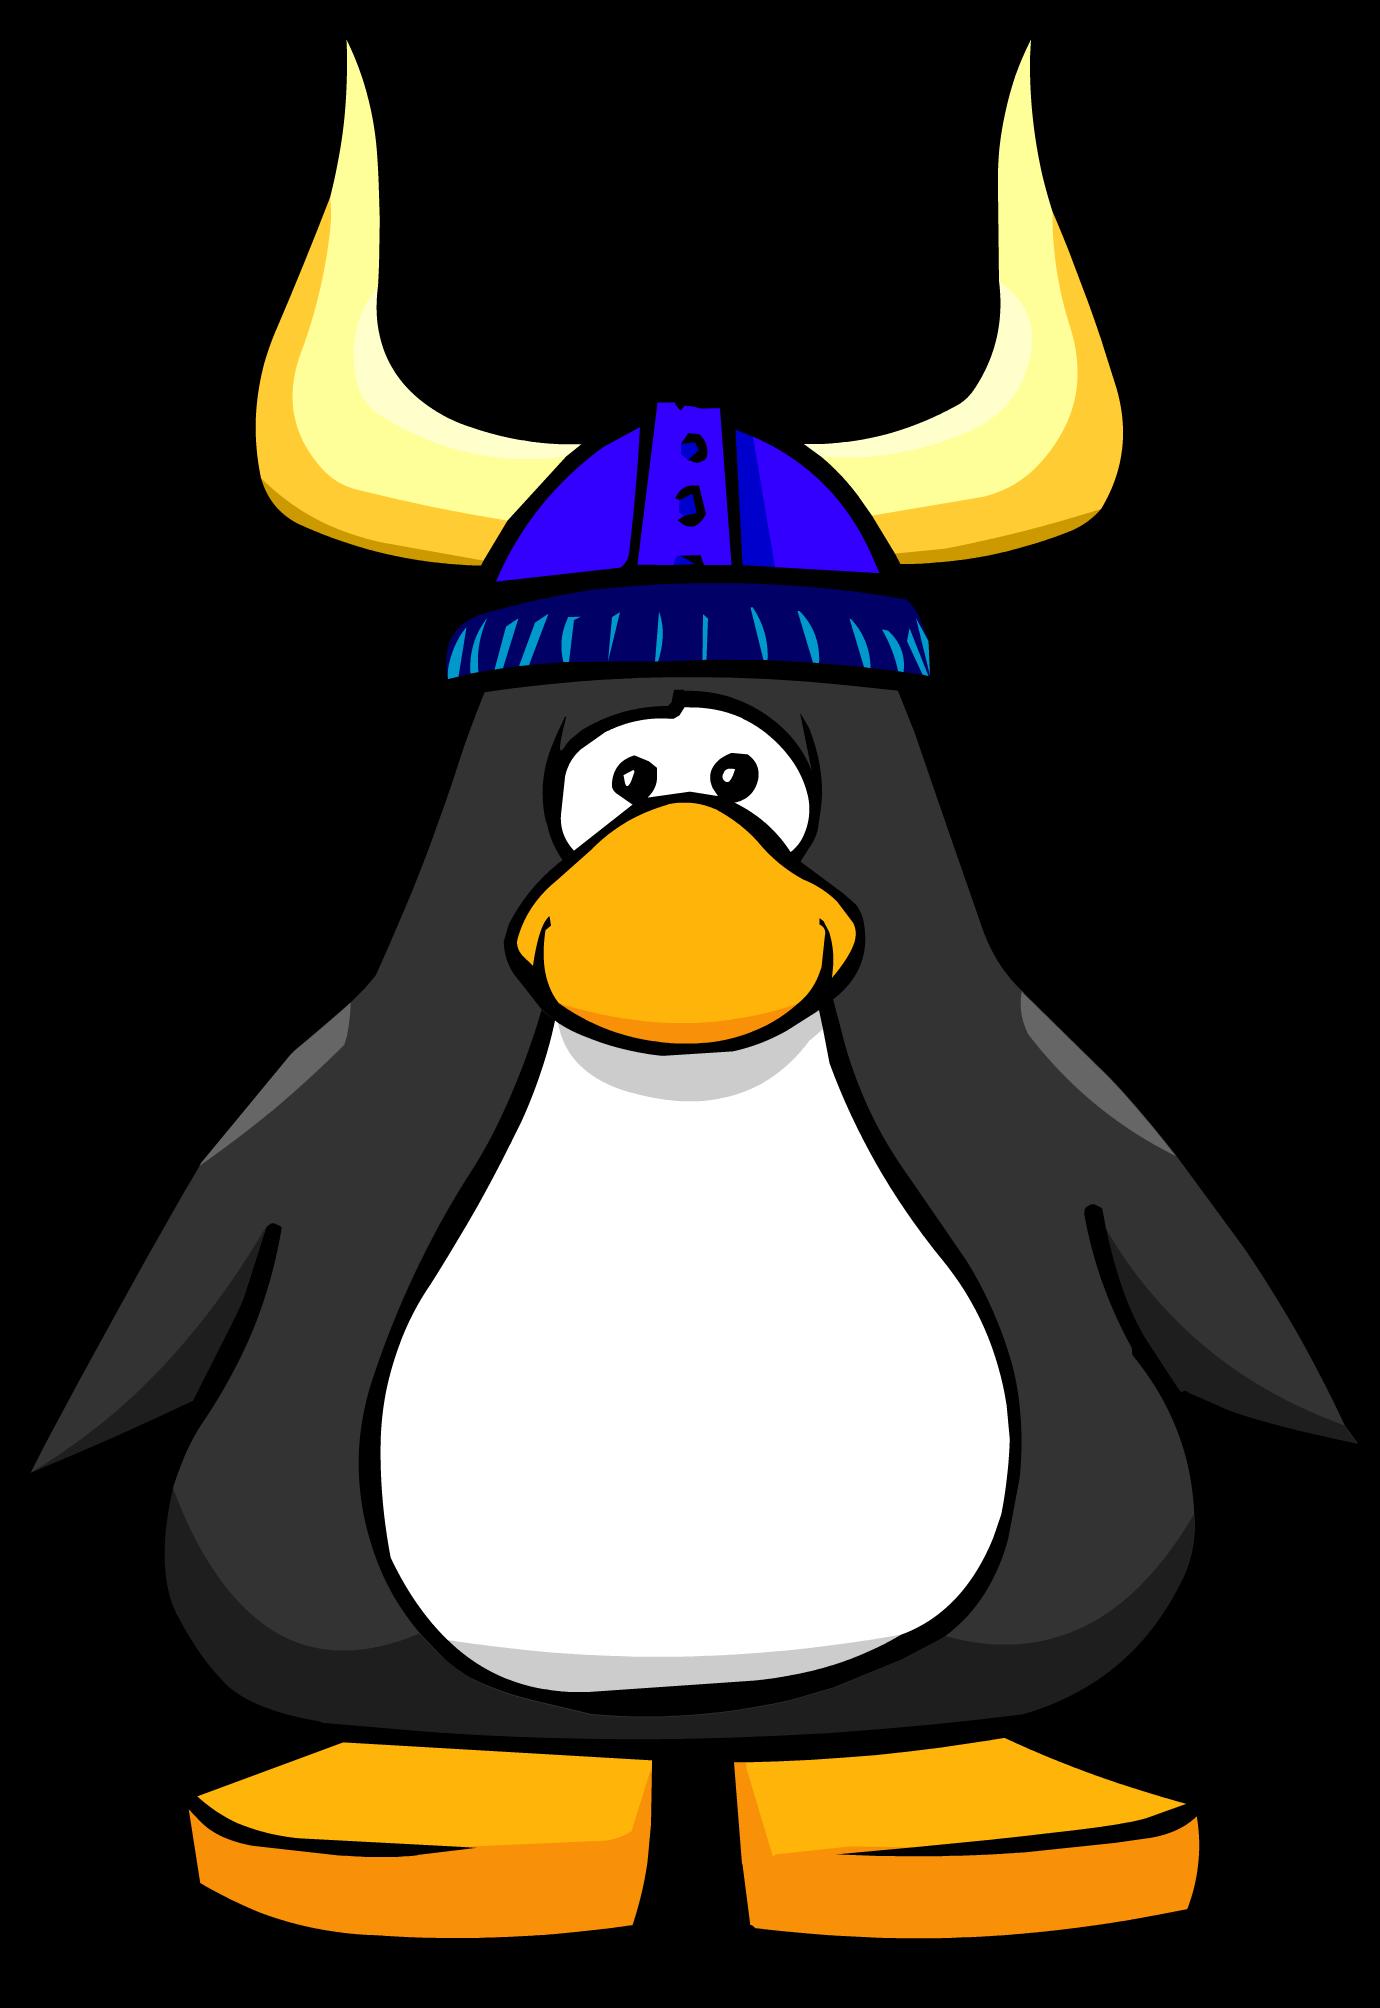 Image blue viking helmet. Clipart spring penguin